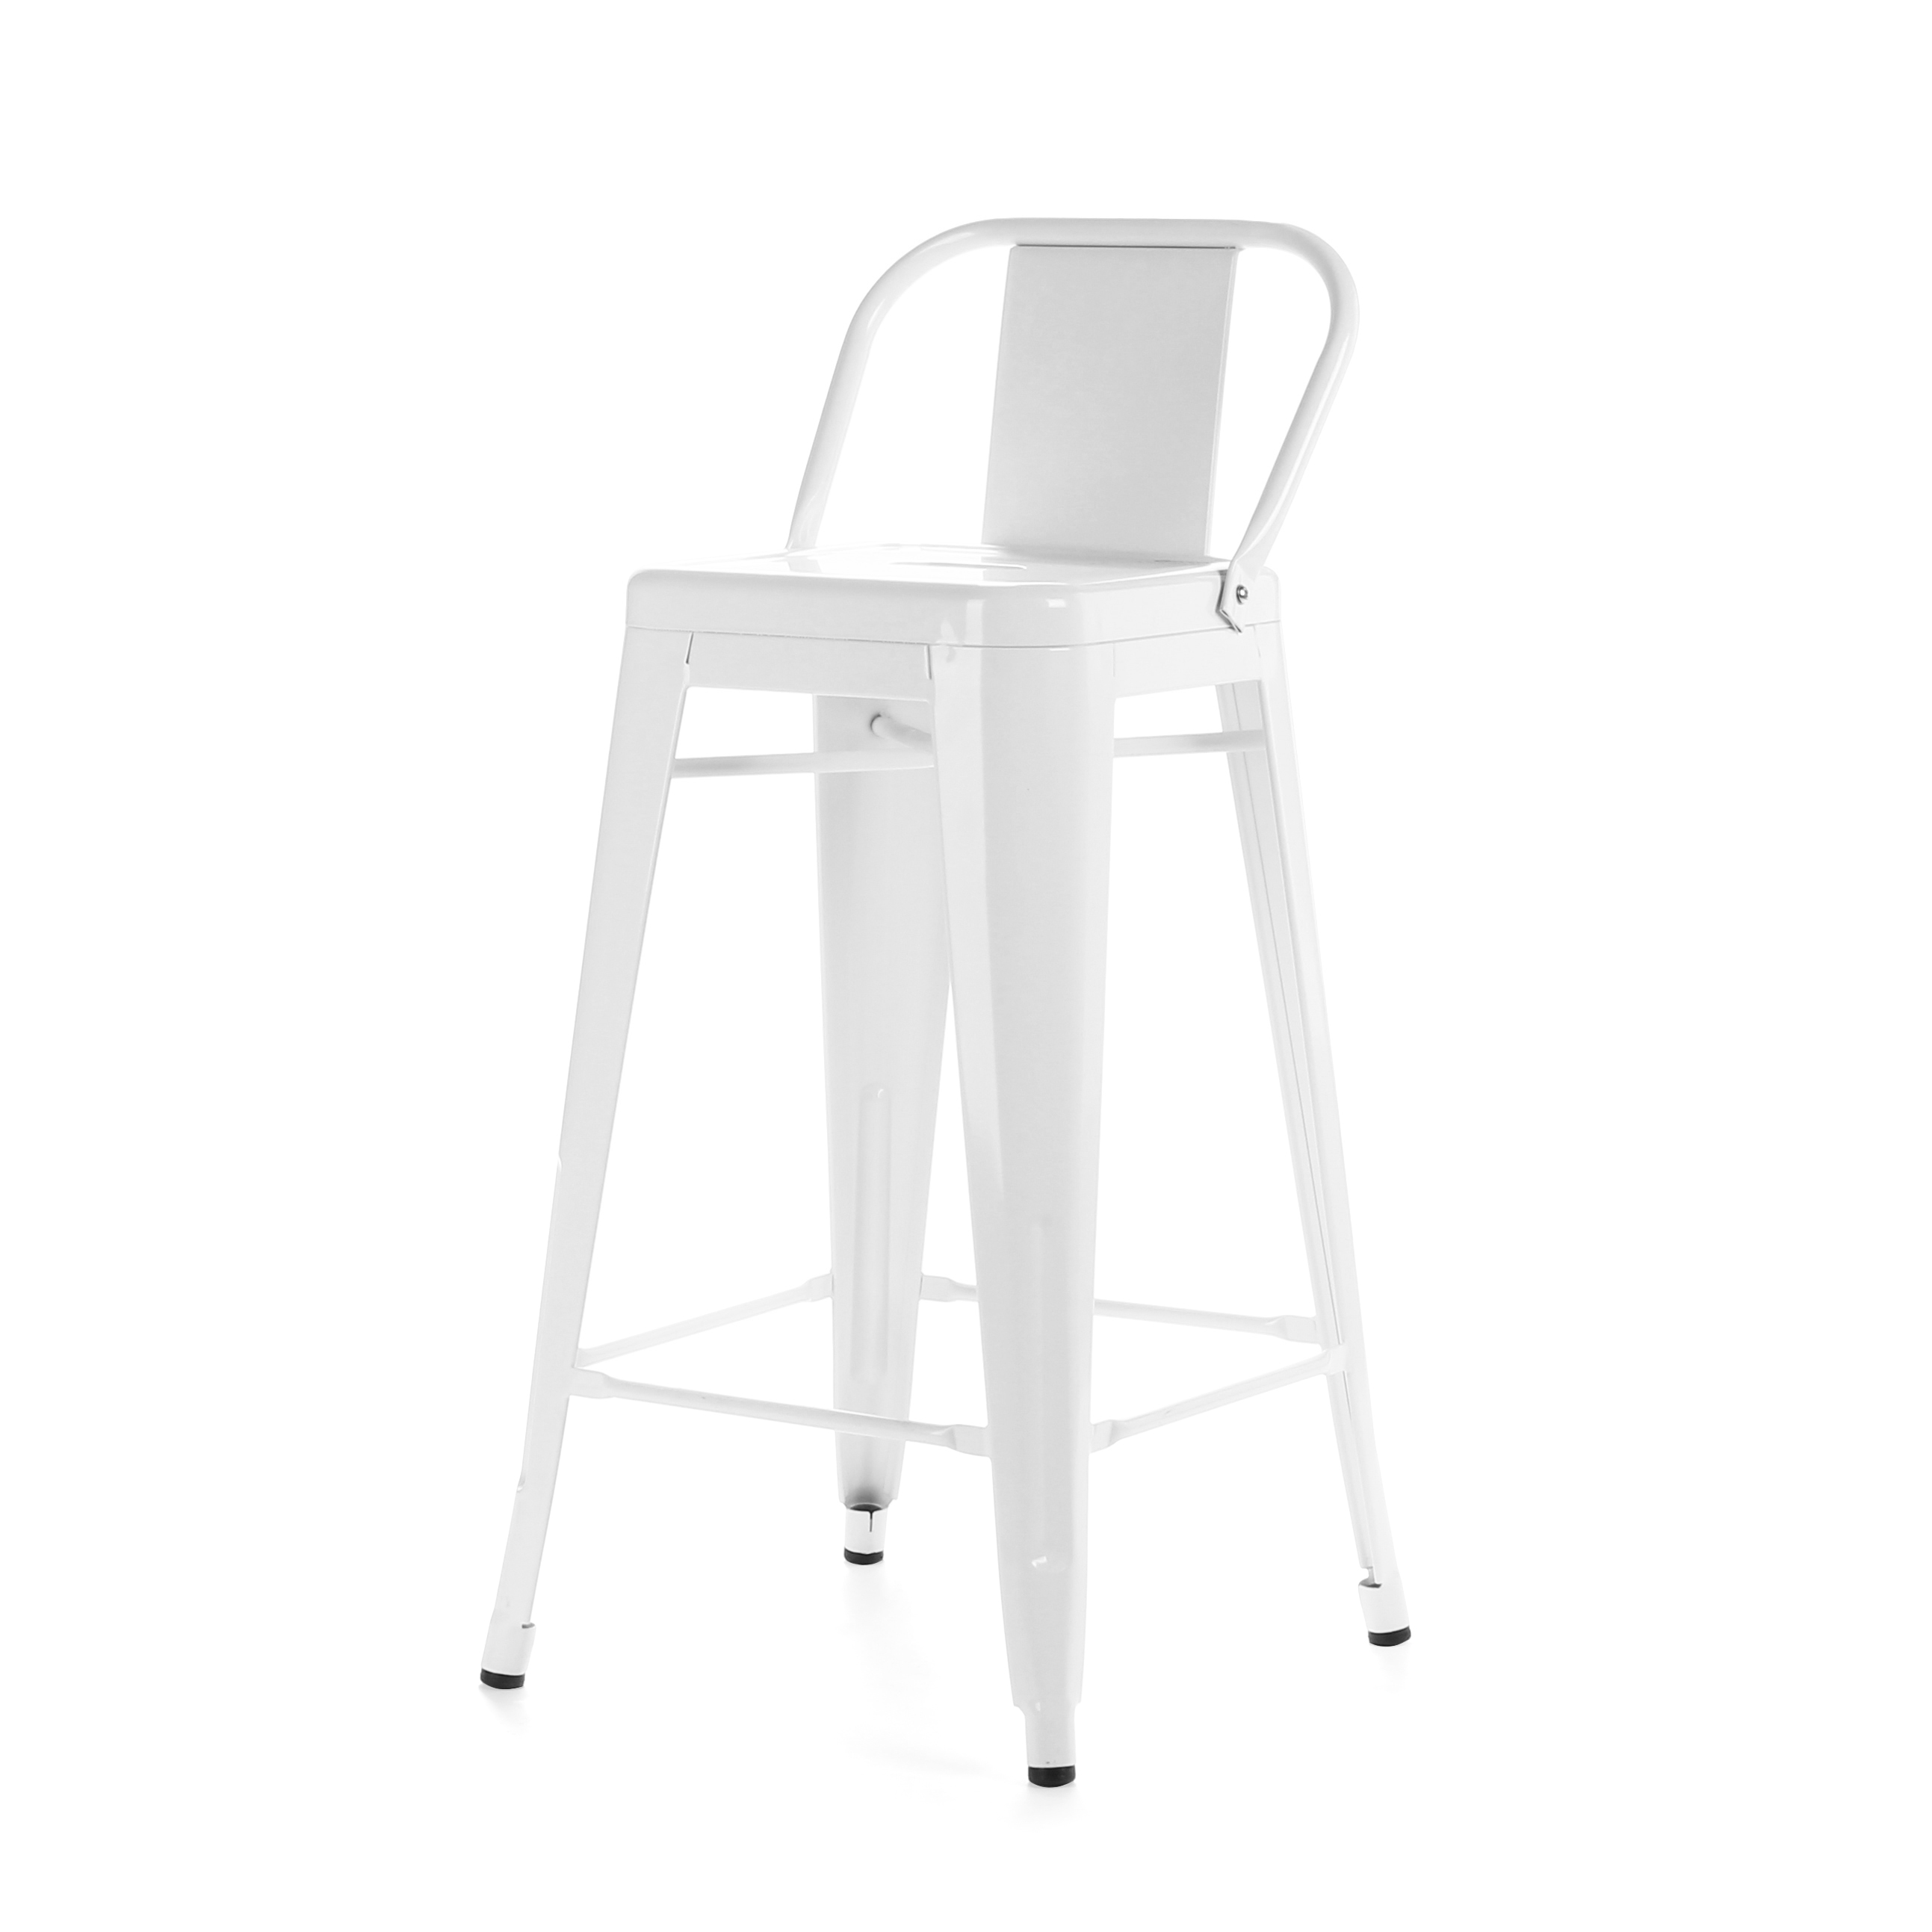 Барный стул Marais Color со спинкойБарные<br>Дизайнерский высокий стальной барный стул Marais Color (Мэрейс Калар) со спинкой от Cosmo (Космо). <br>Высокий барный стул Marais Color со спинкой — это изящное по своему дизайну изделие, которое заслужило популярность не только на родине дизайнера Ксавье Пошара, во Франции, но и по всему миру. Дизайн мебели коллекции Marais не раз был удостоен отличительных наград и демонстрировался на выставках международного масштаба, к примеру, в Нью-Йоркском музее современного искусства, а также в Музее-це...<br><br>stock: 17<br>Высота: 89<br>Высота сиденья: 66<br>Ширина: 41<br>Глубина: 41<br>Тип материала каркаса: Сталь<br>Цвет каркаса: Белый